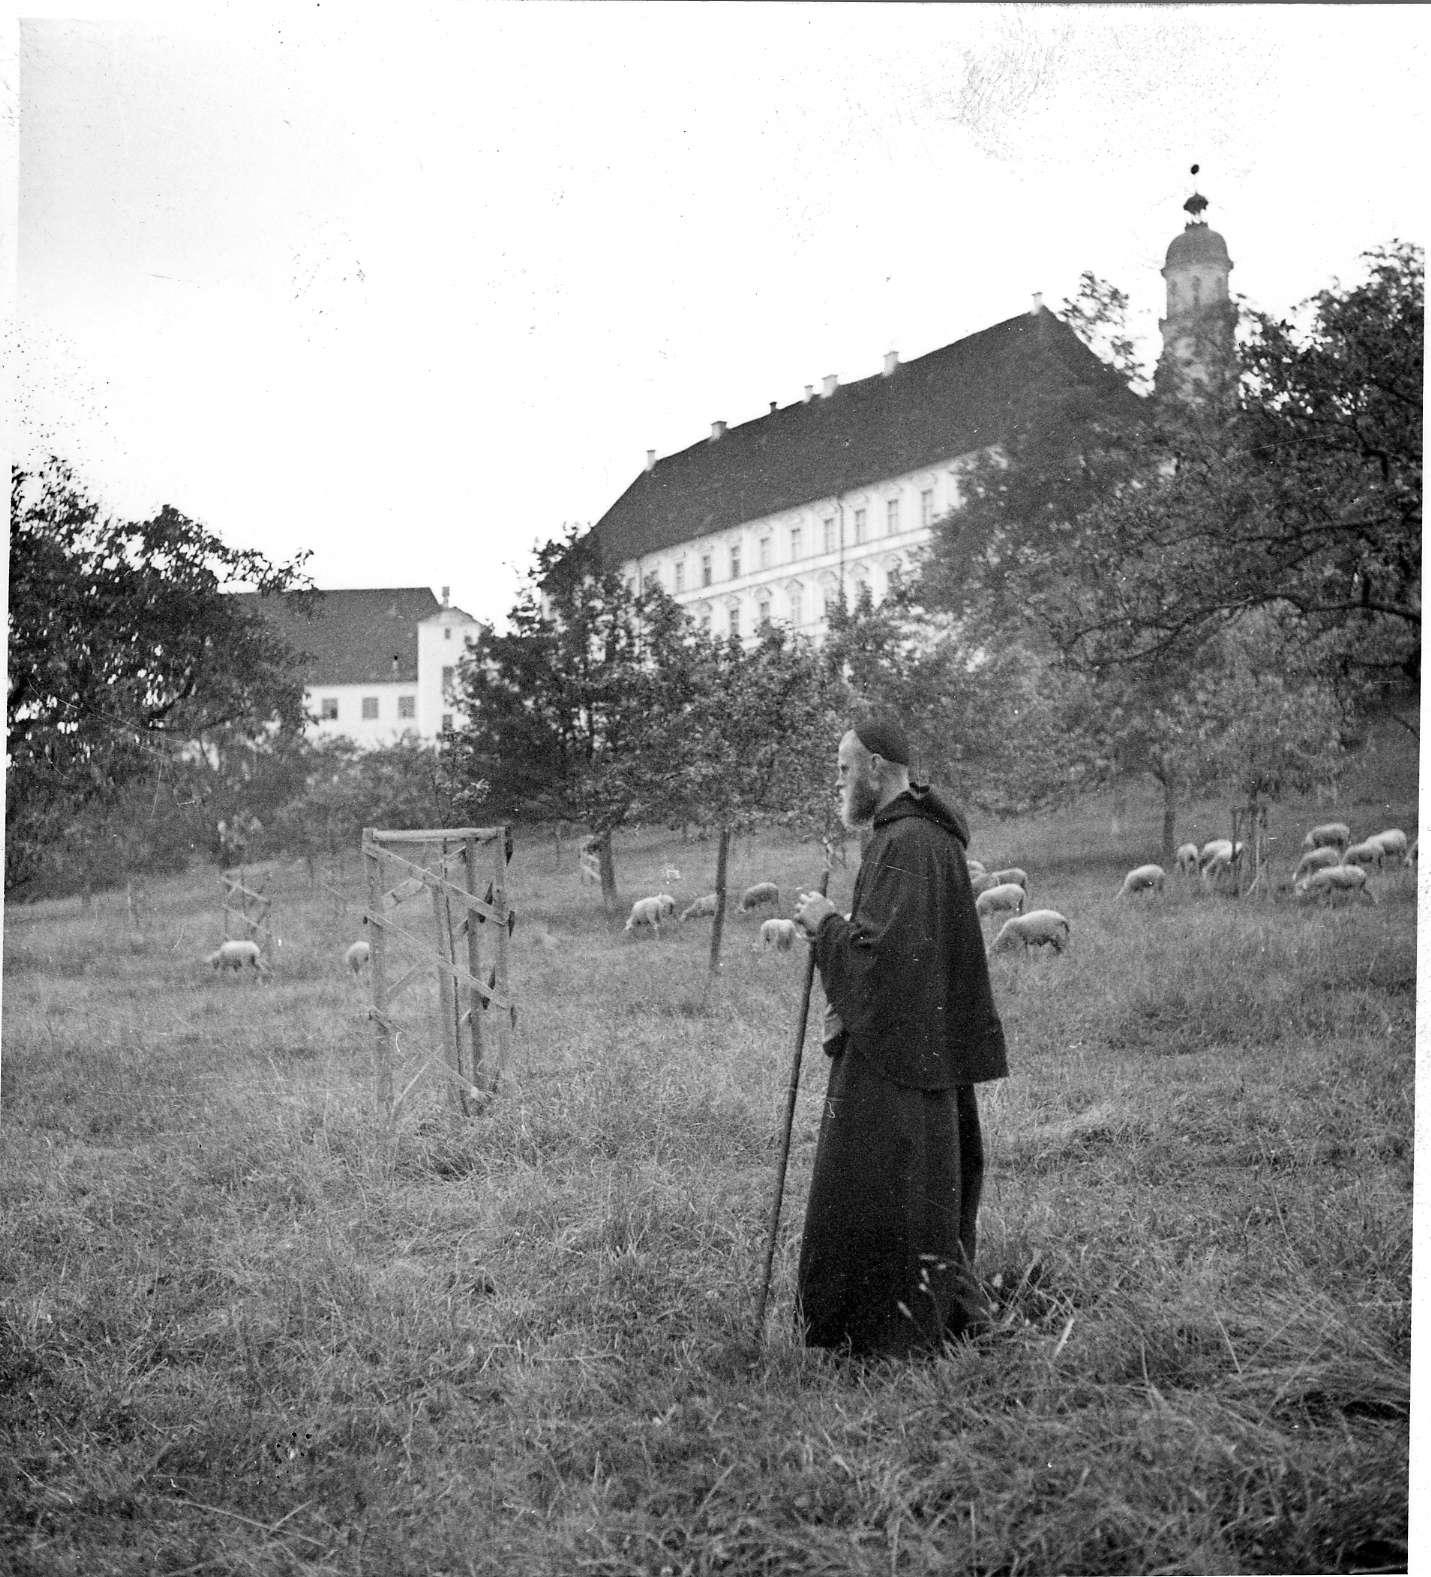 Neresheim, (Ansicht des Klosters mit Mönch und Schafen), Abb. a